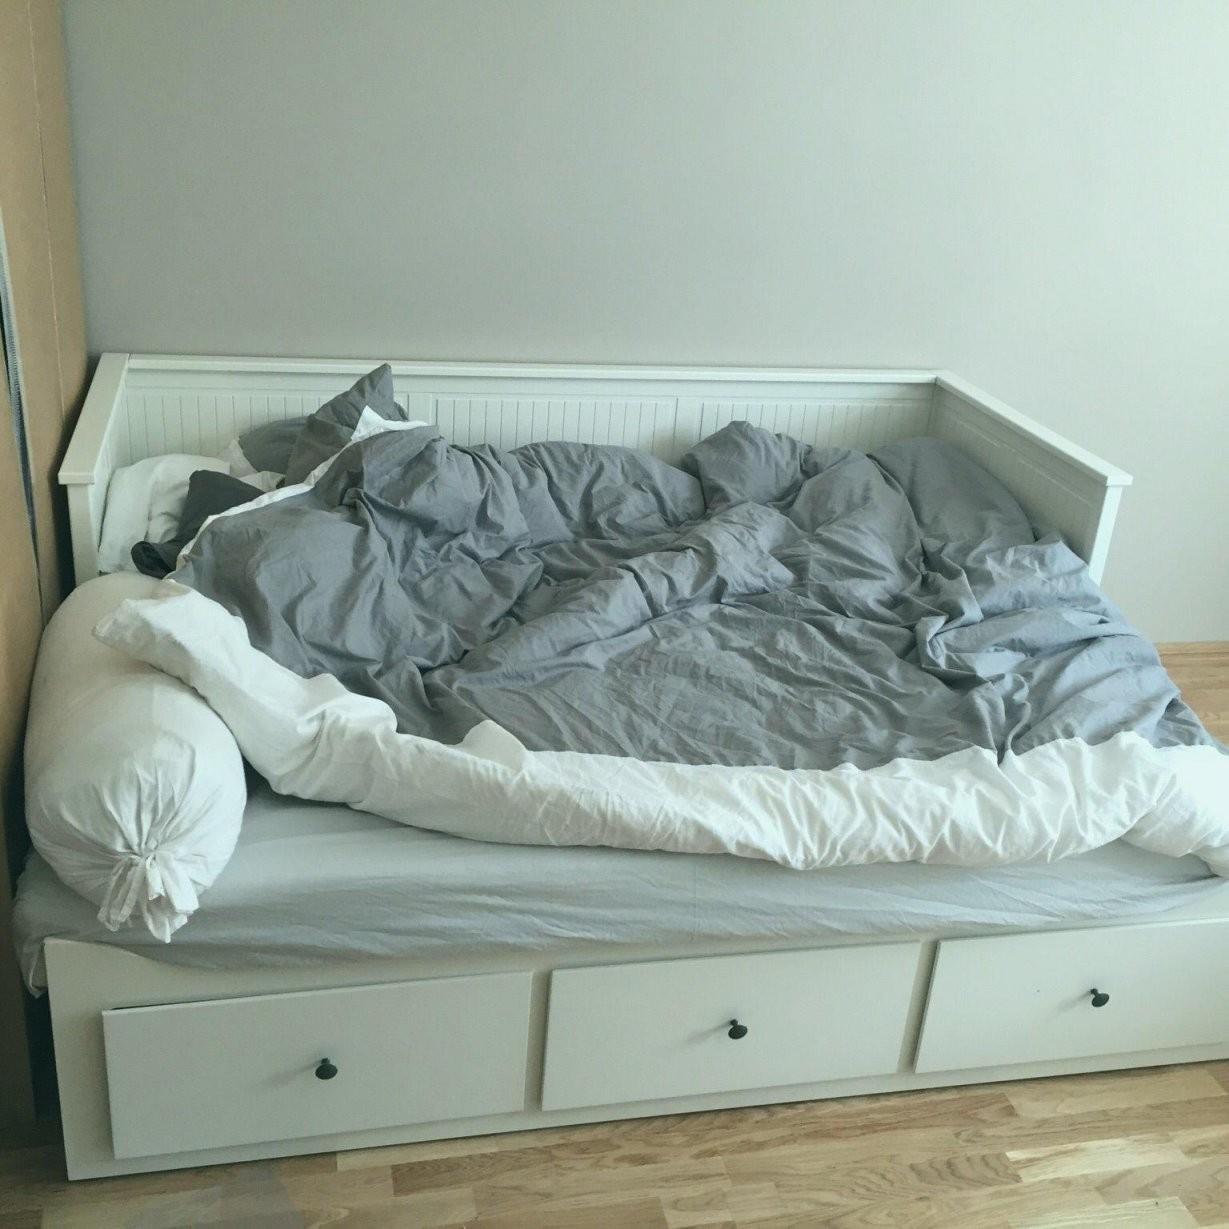 Bett Ausziehbar Ikea Wunderbar Ikea Hemnes Bett – Exteriour Und von Ikea Hemnes Bett Ausziehbar Bild